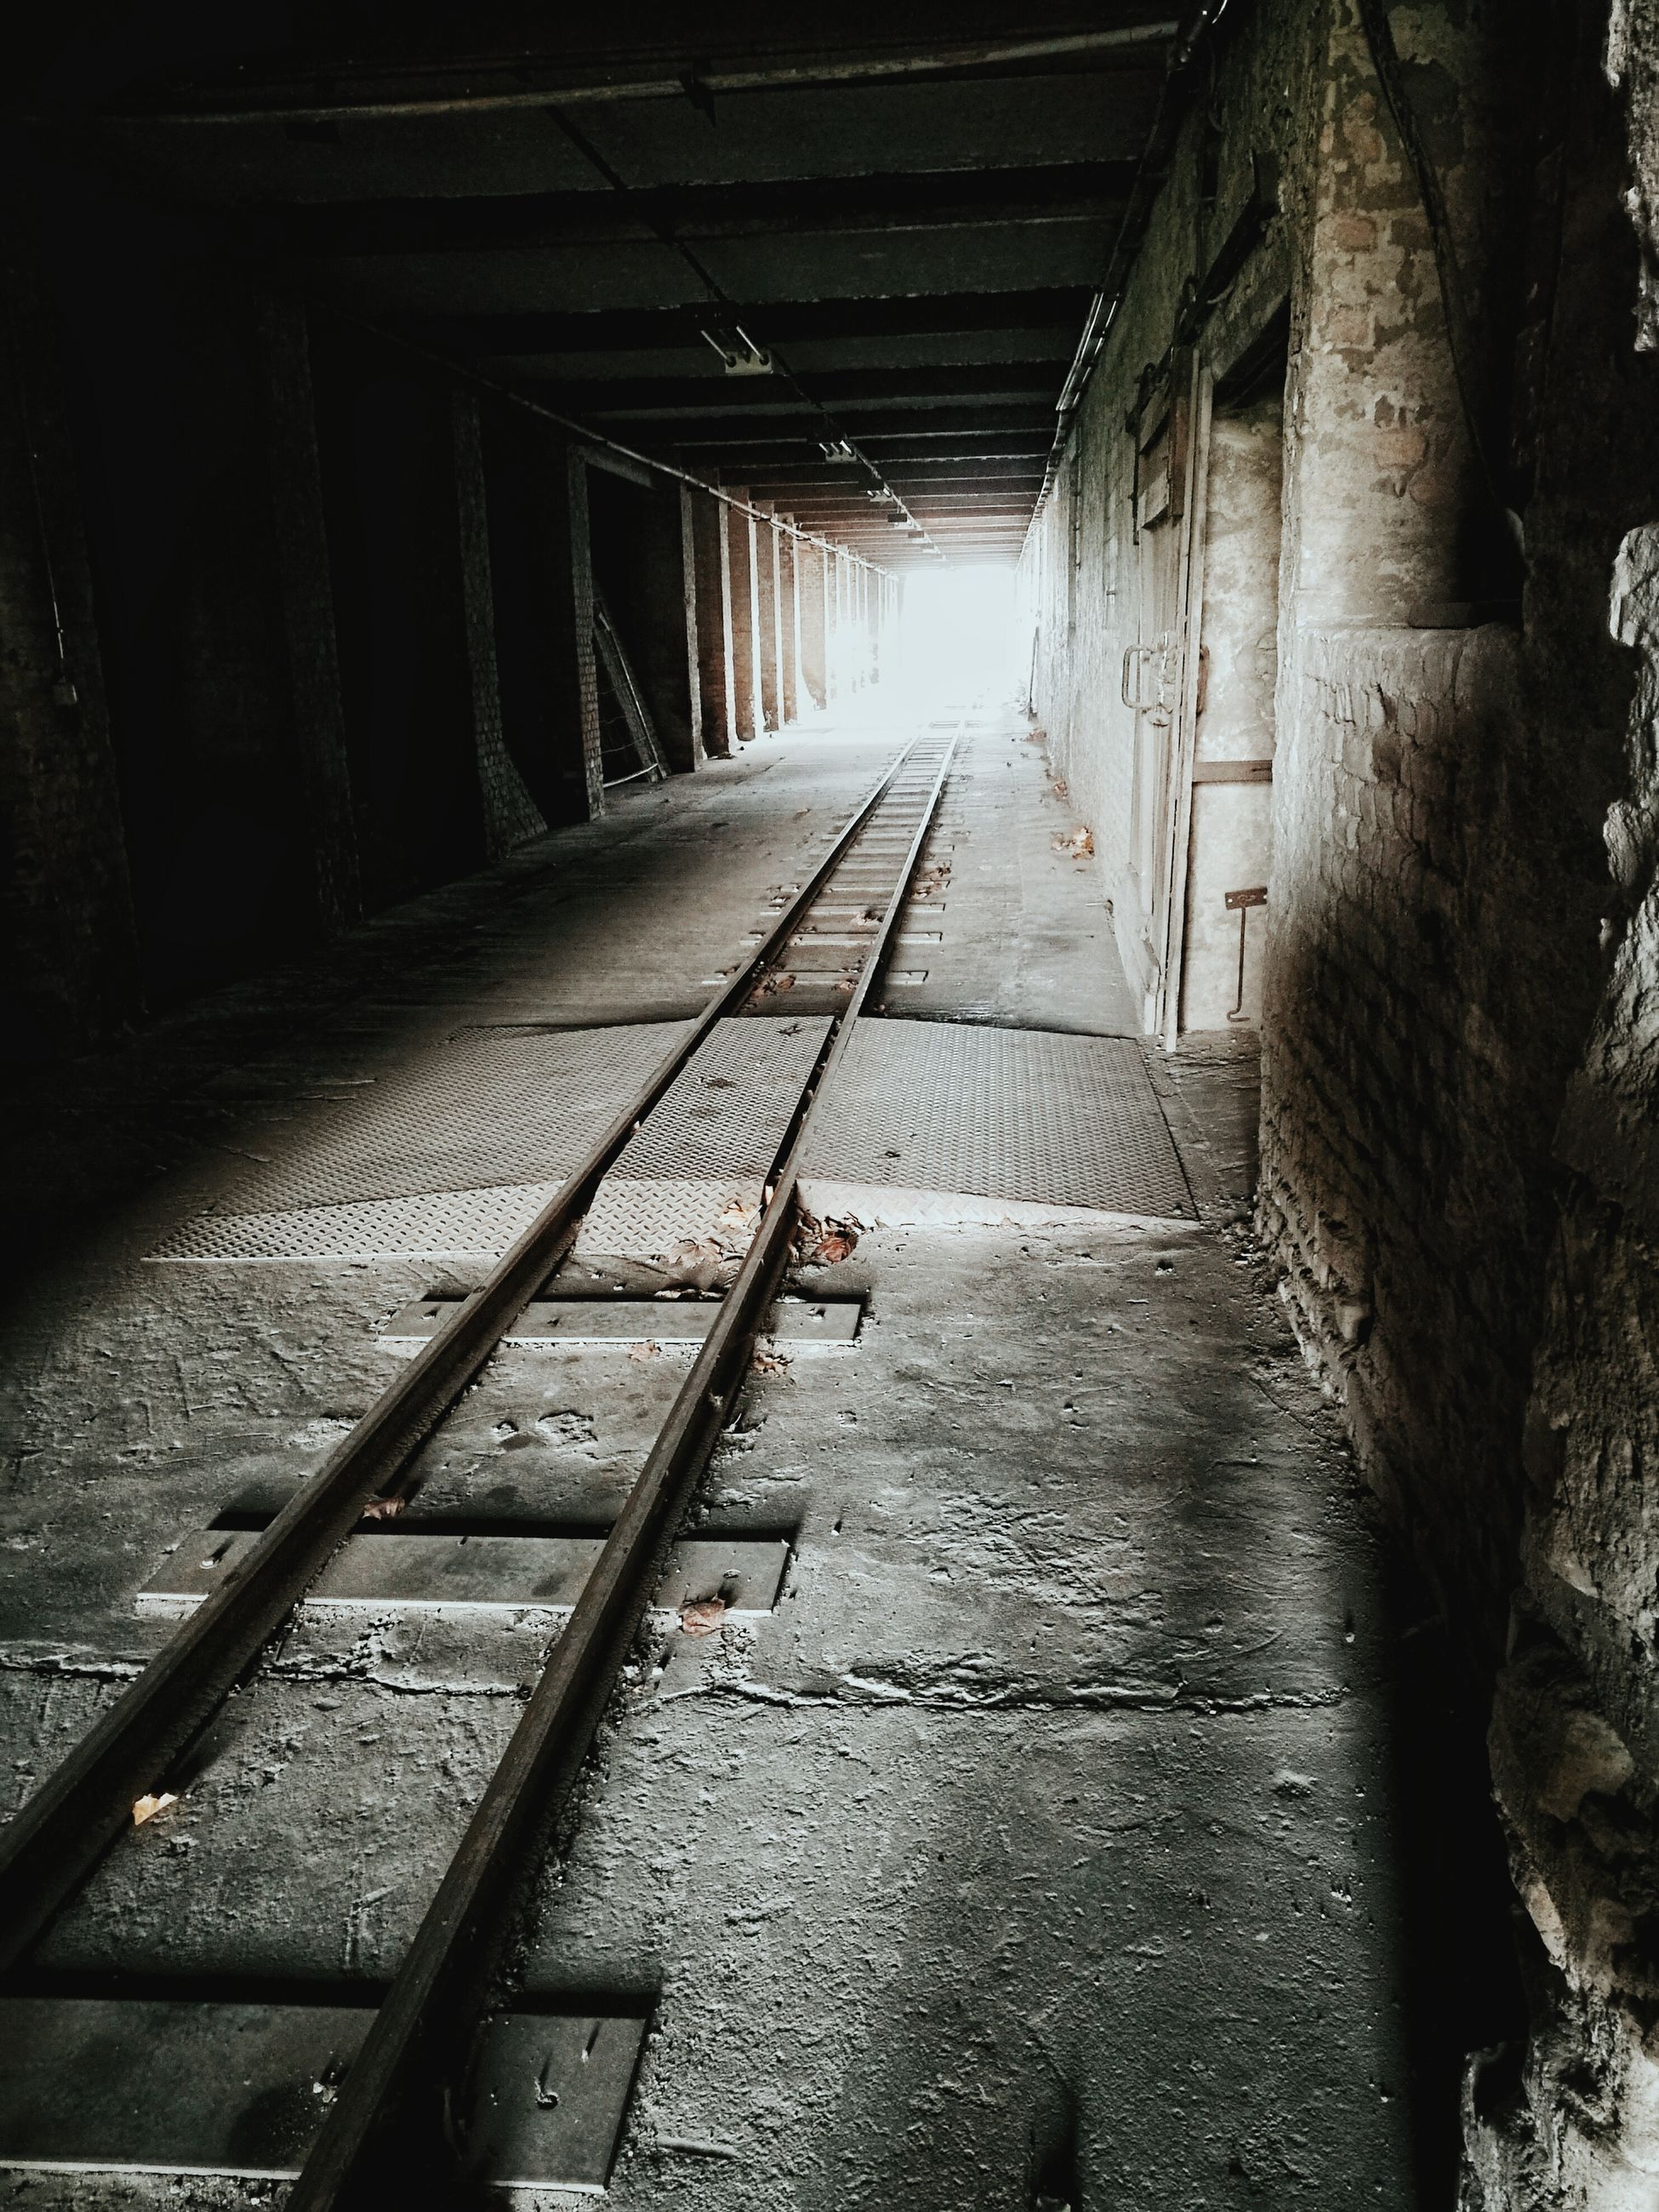 Railroad track amidst tunnel